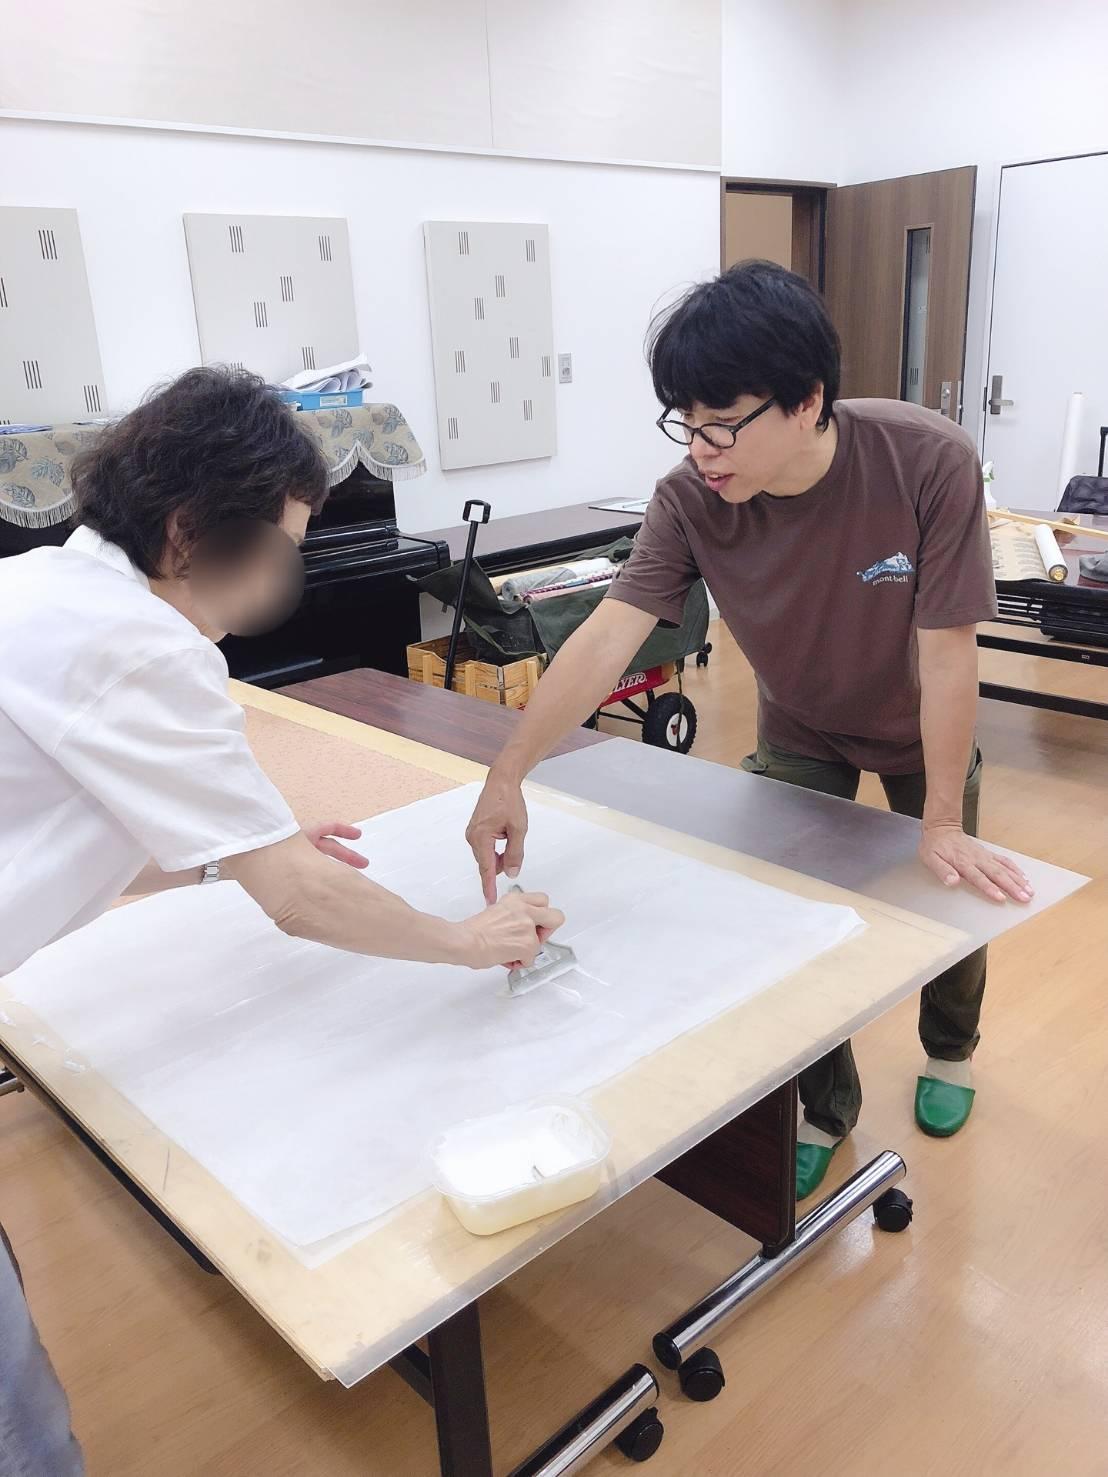 【三木校】通期:楽しい表装セミナー・日曜クラス 21/04/04~21/10/03